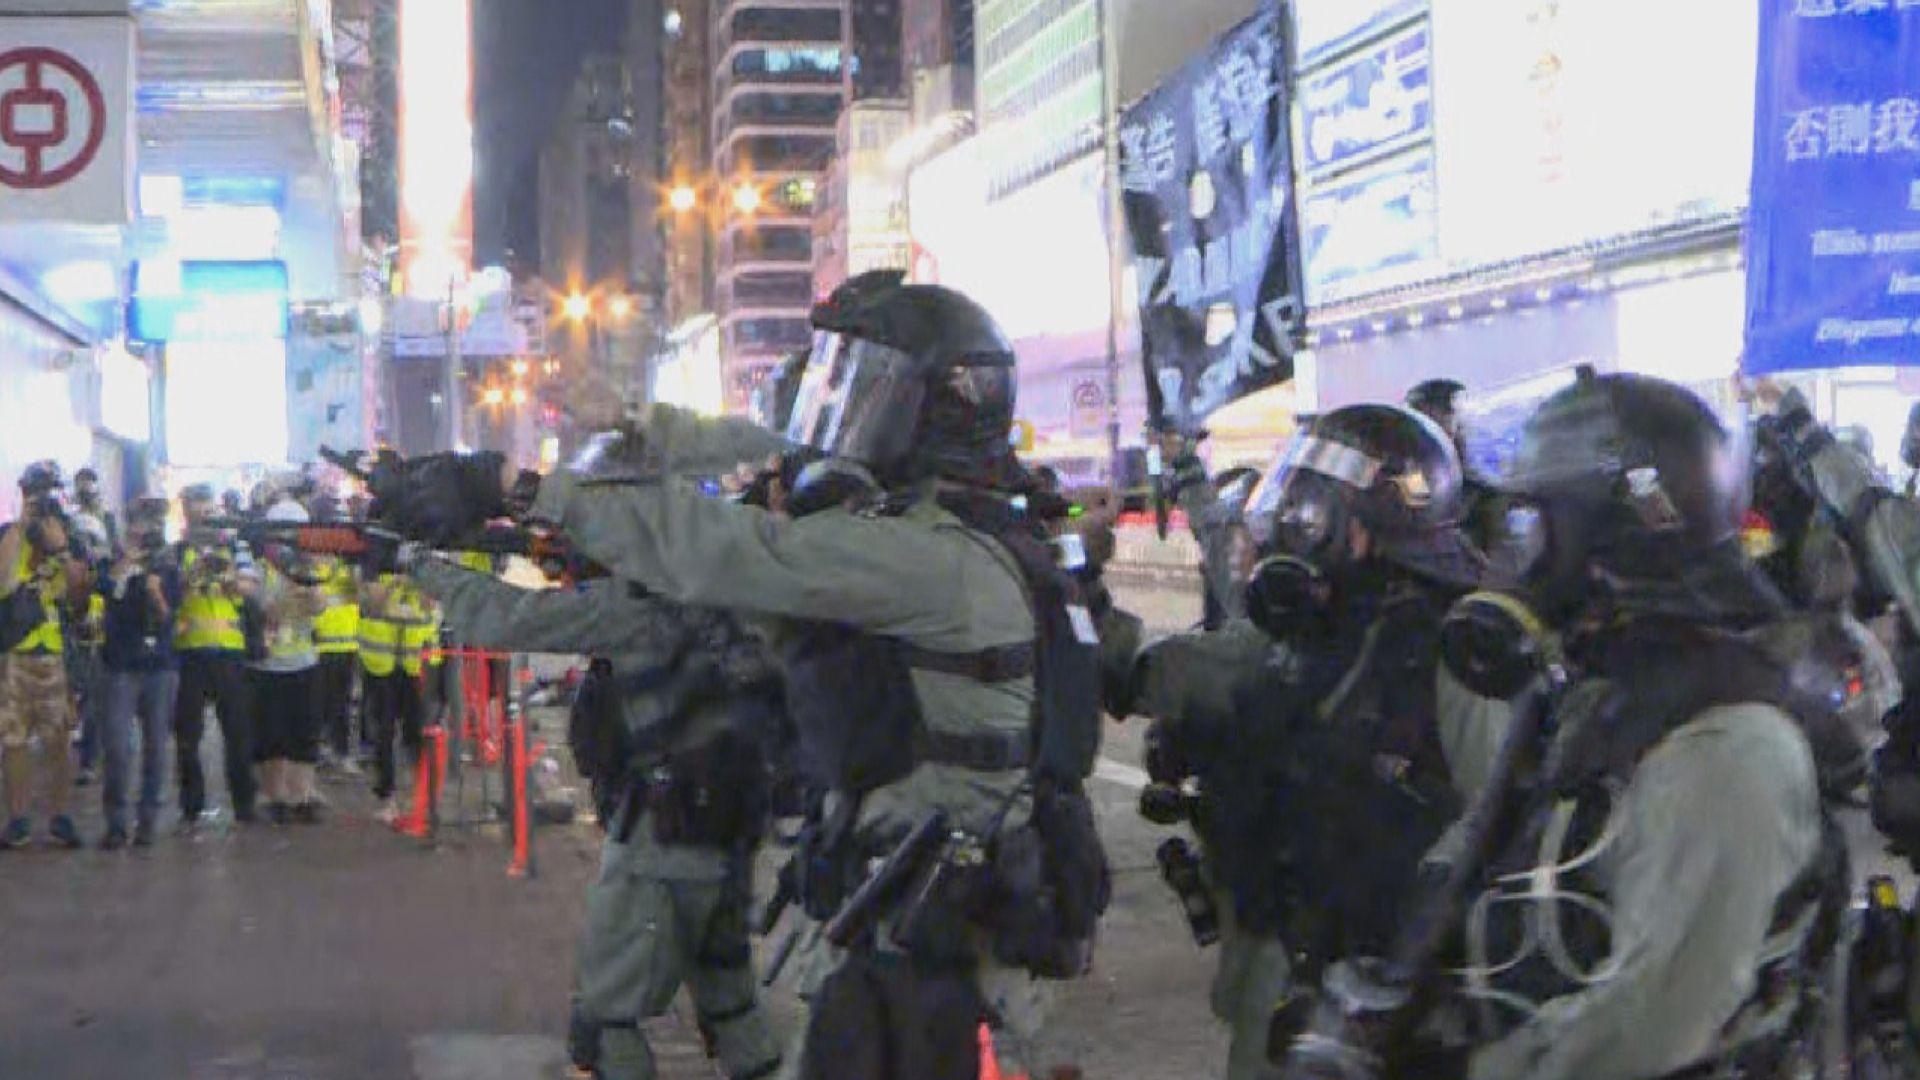 旺角示威者午夜未有散去 警多次出動驅散